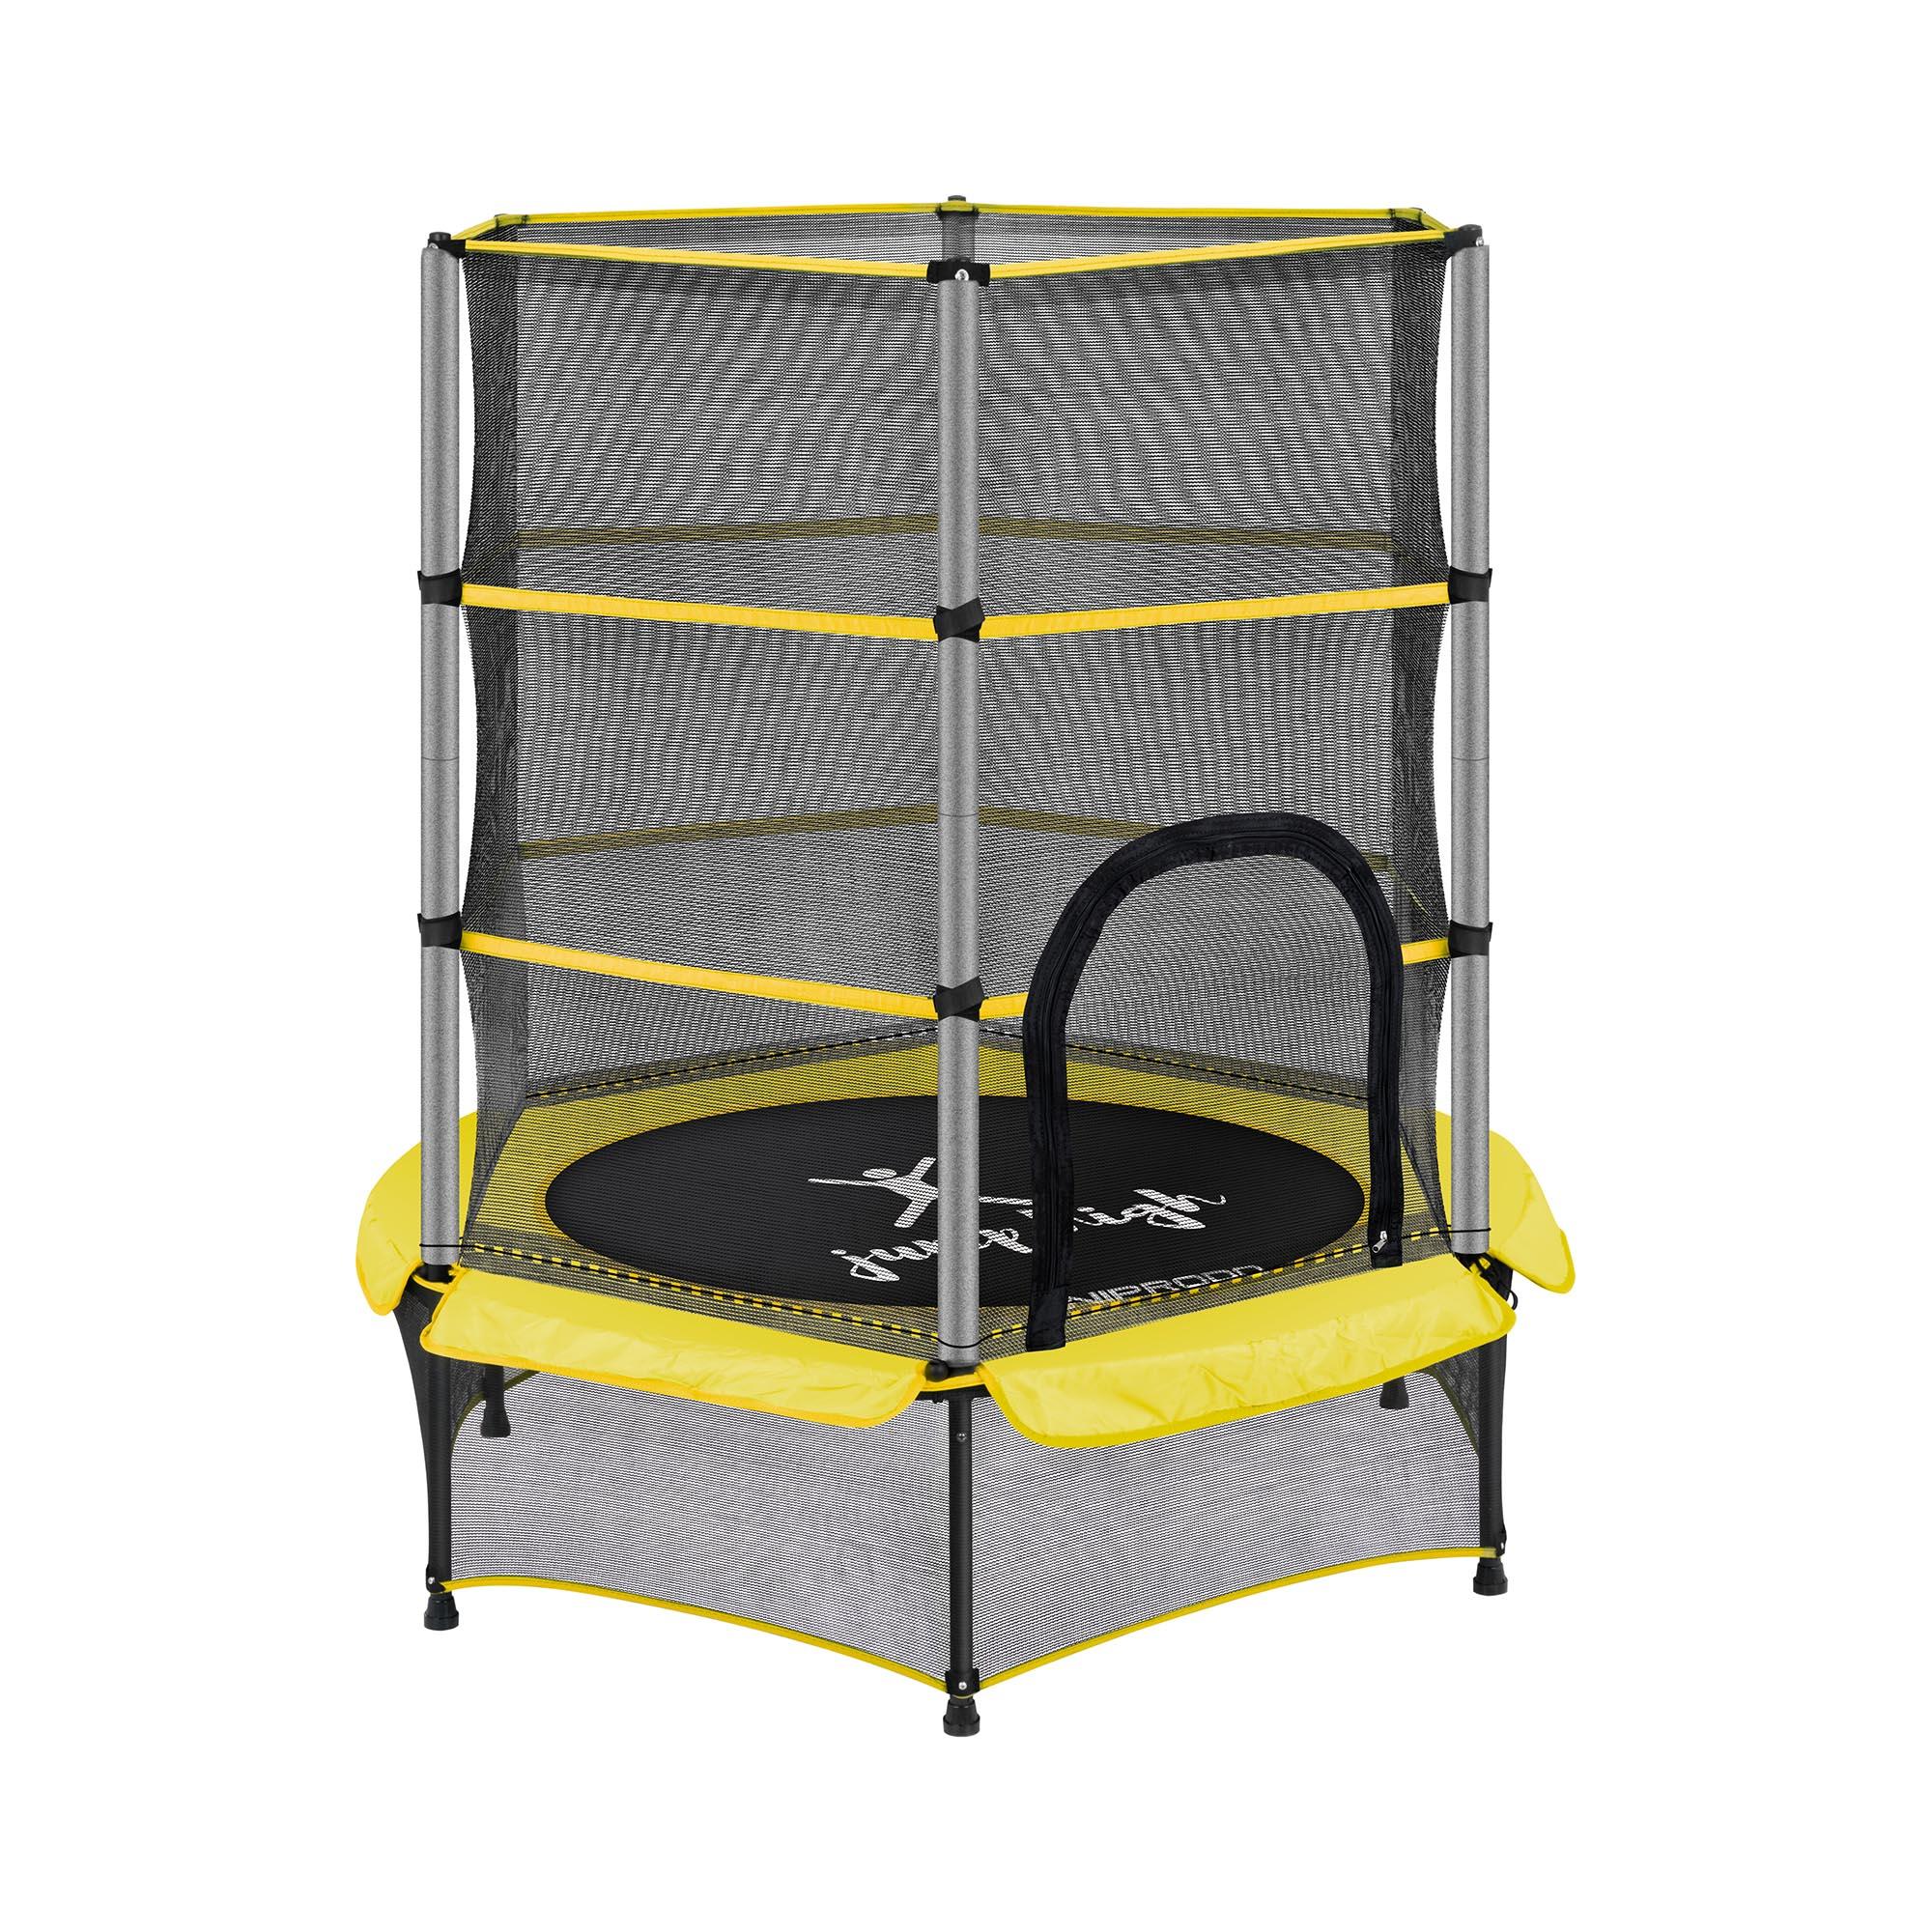 Uniprodo Kindertrampolin - mit Sicherheitsnetz - 140 cm - 50 kg - gelb UNI_TRAMPOLINE_02